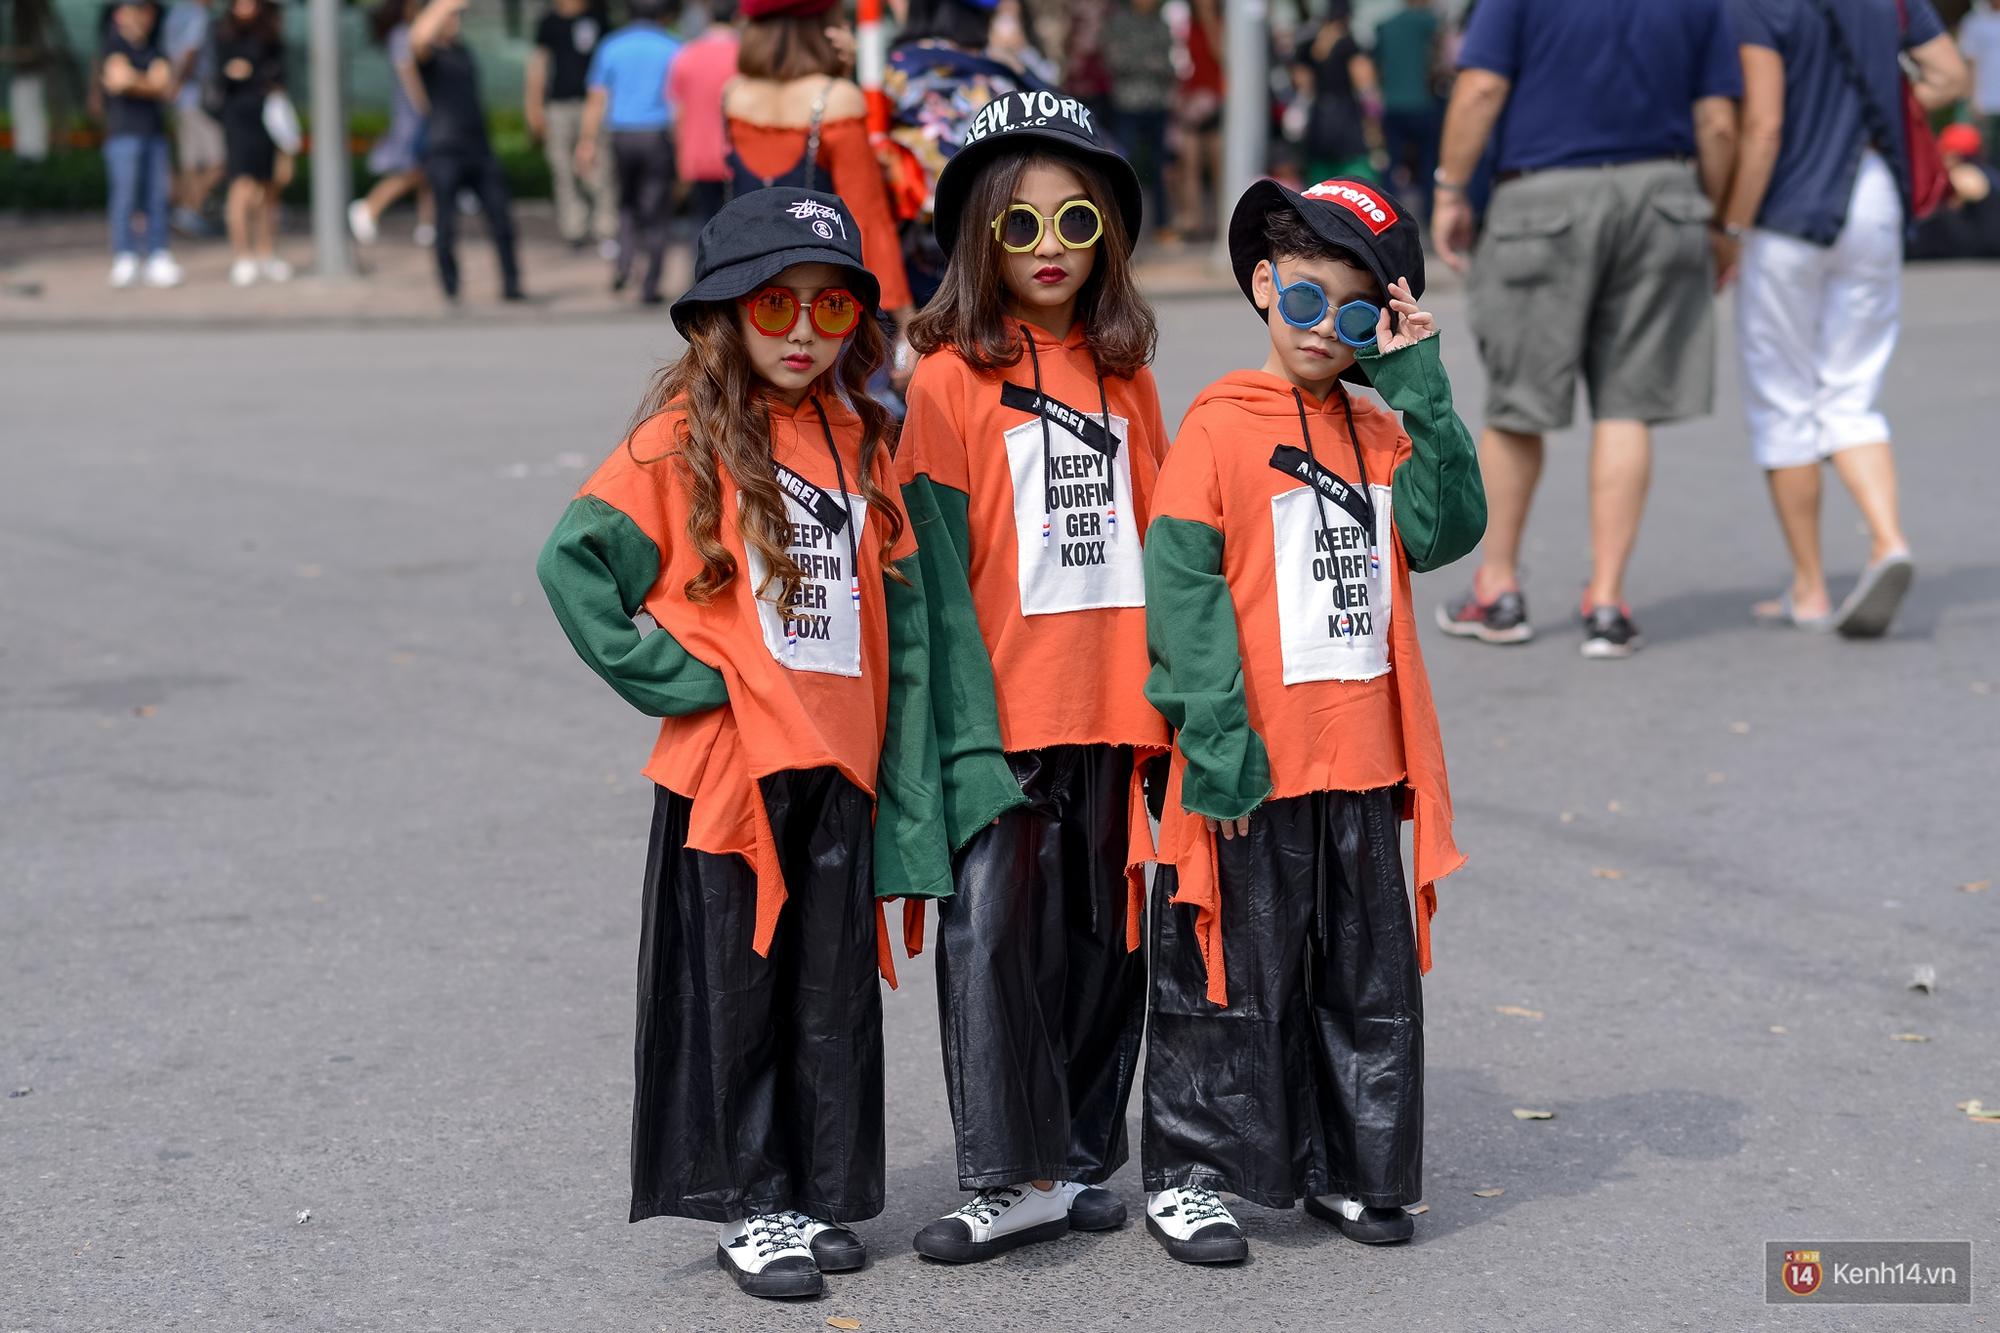 Street style ngày đầu VIFW: Giới trẻ Hà Nội ăn vận lồng lộn hơn hẳn năm trước, các nhóc tì mặc chất gây bão phố đi bộ - Ảnh 23.